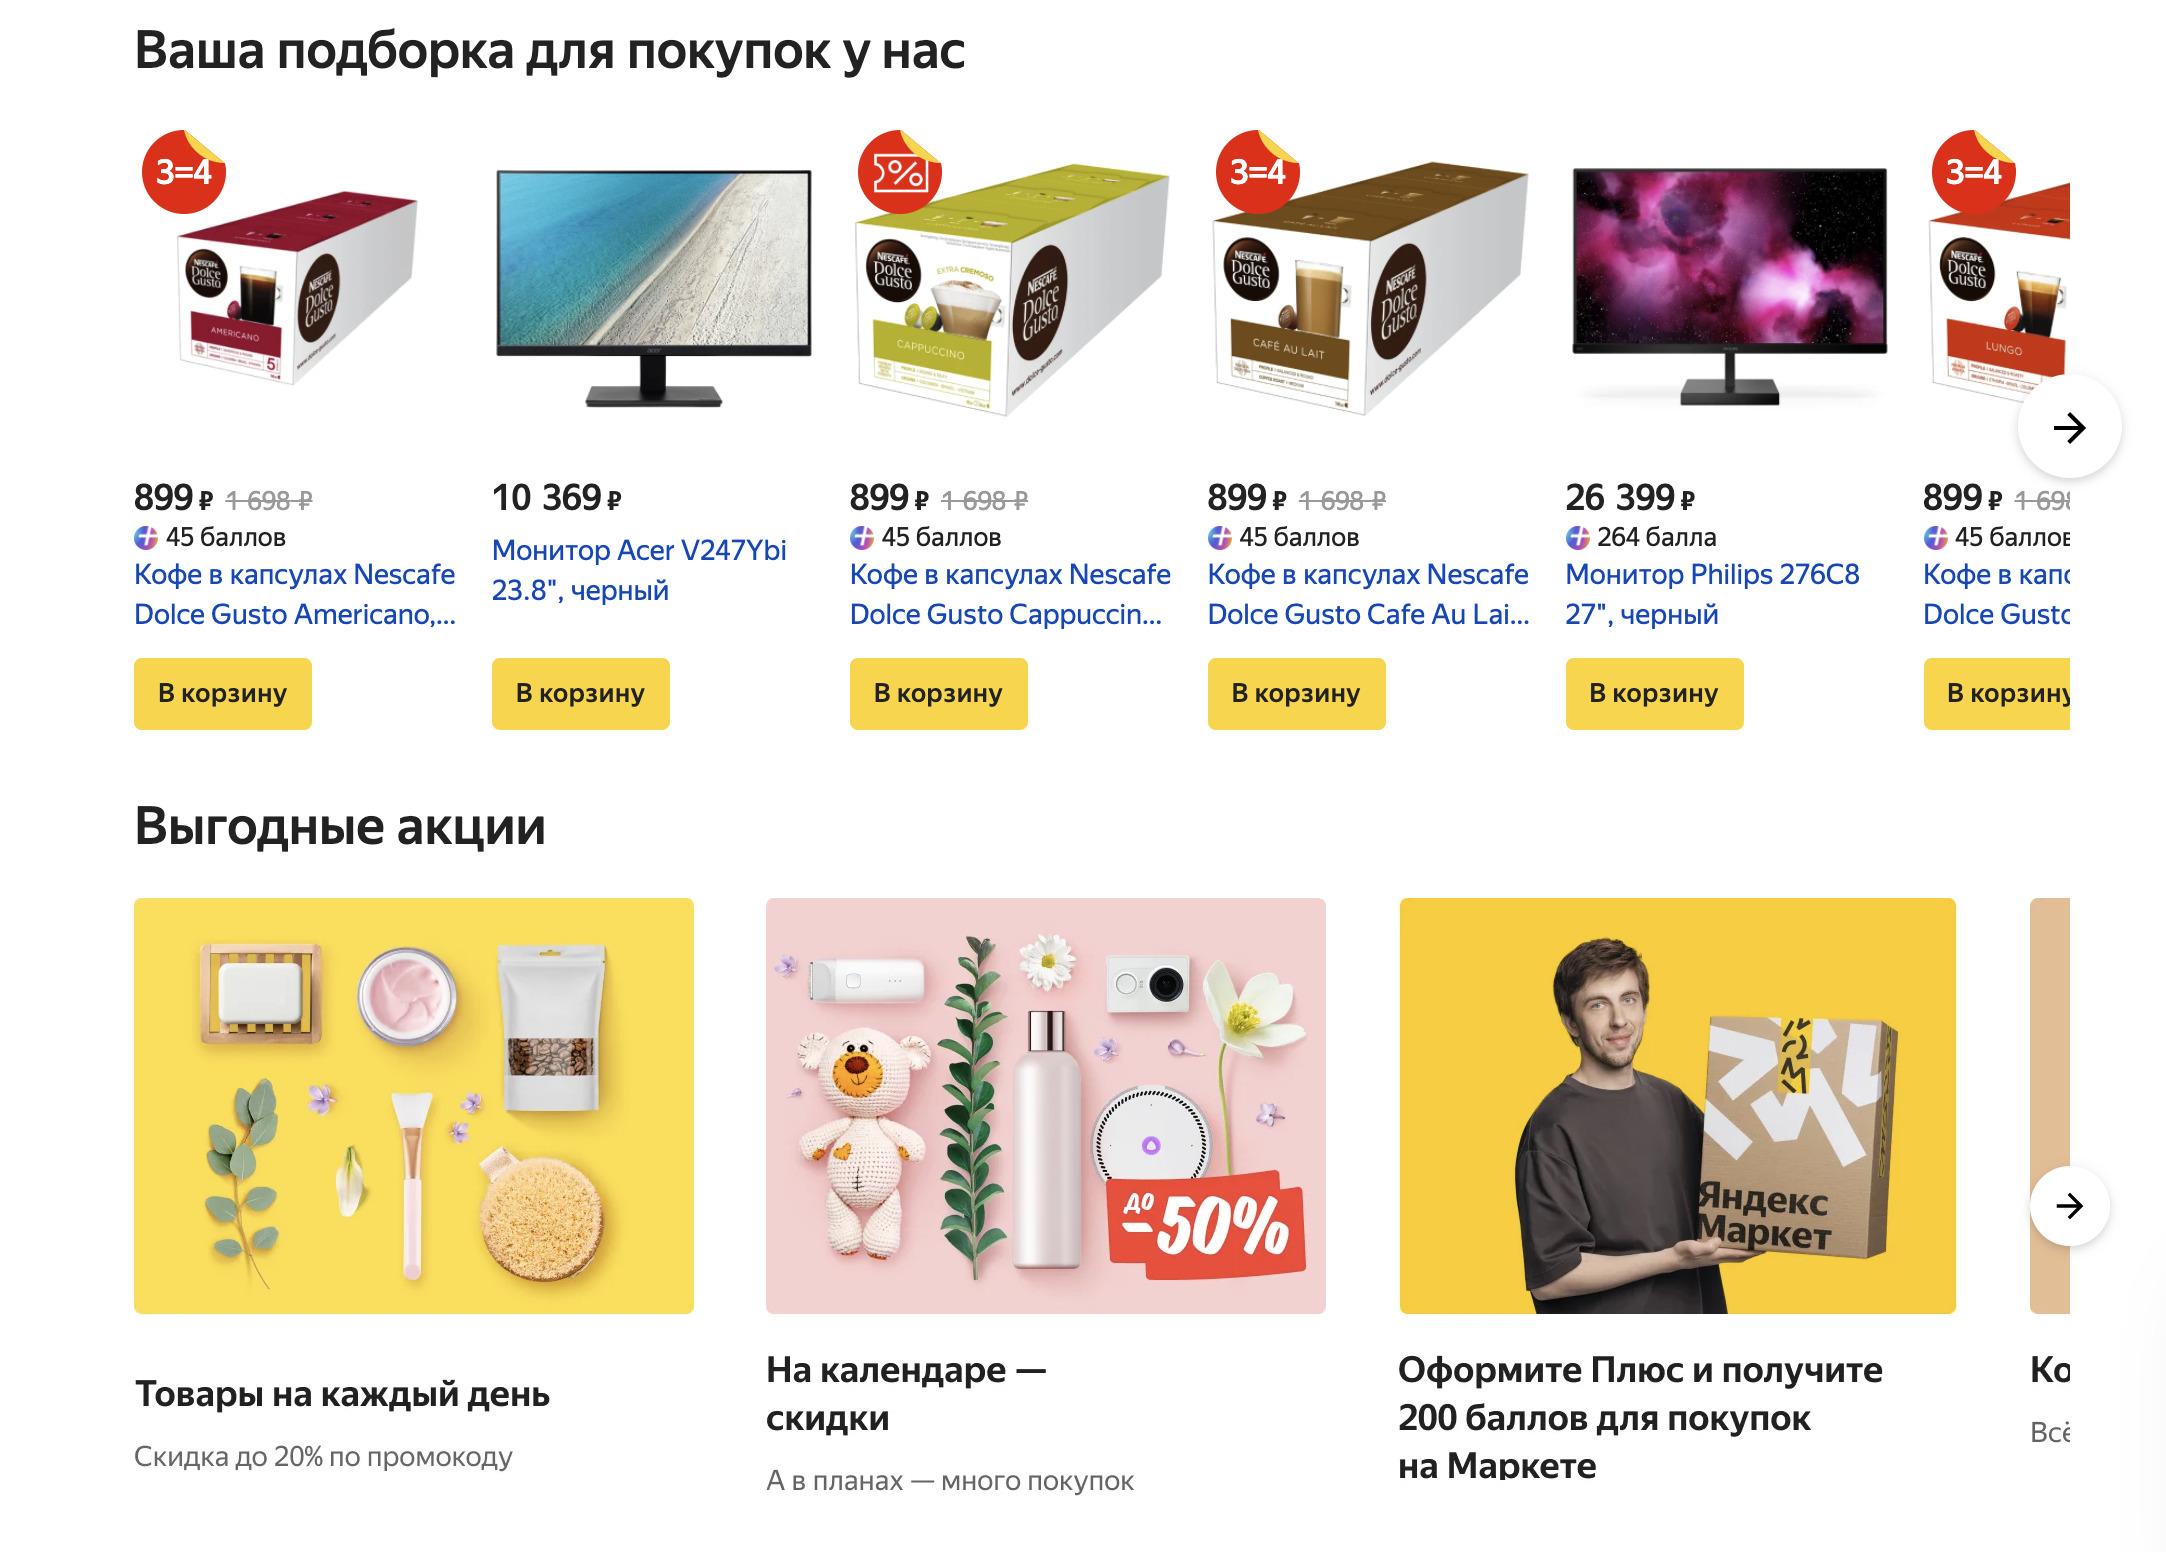 Доставка из Яндекс.Маркет в Первоуральск, сроки, пункты выдачи, каталог